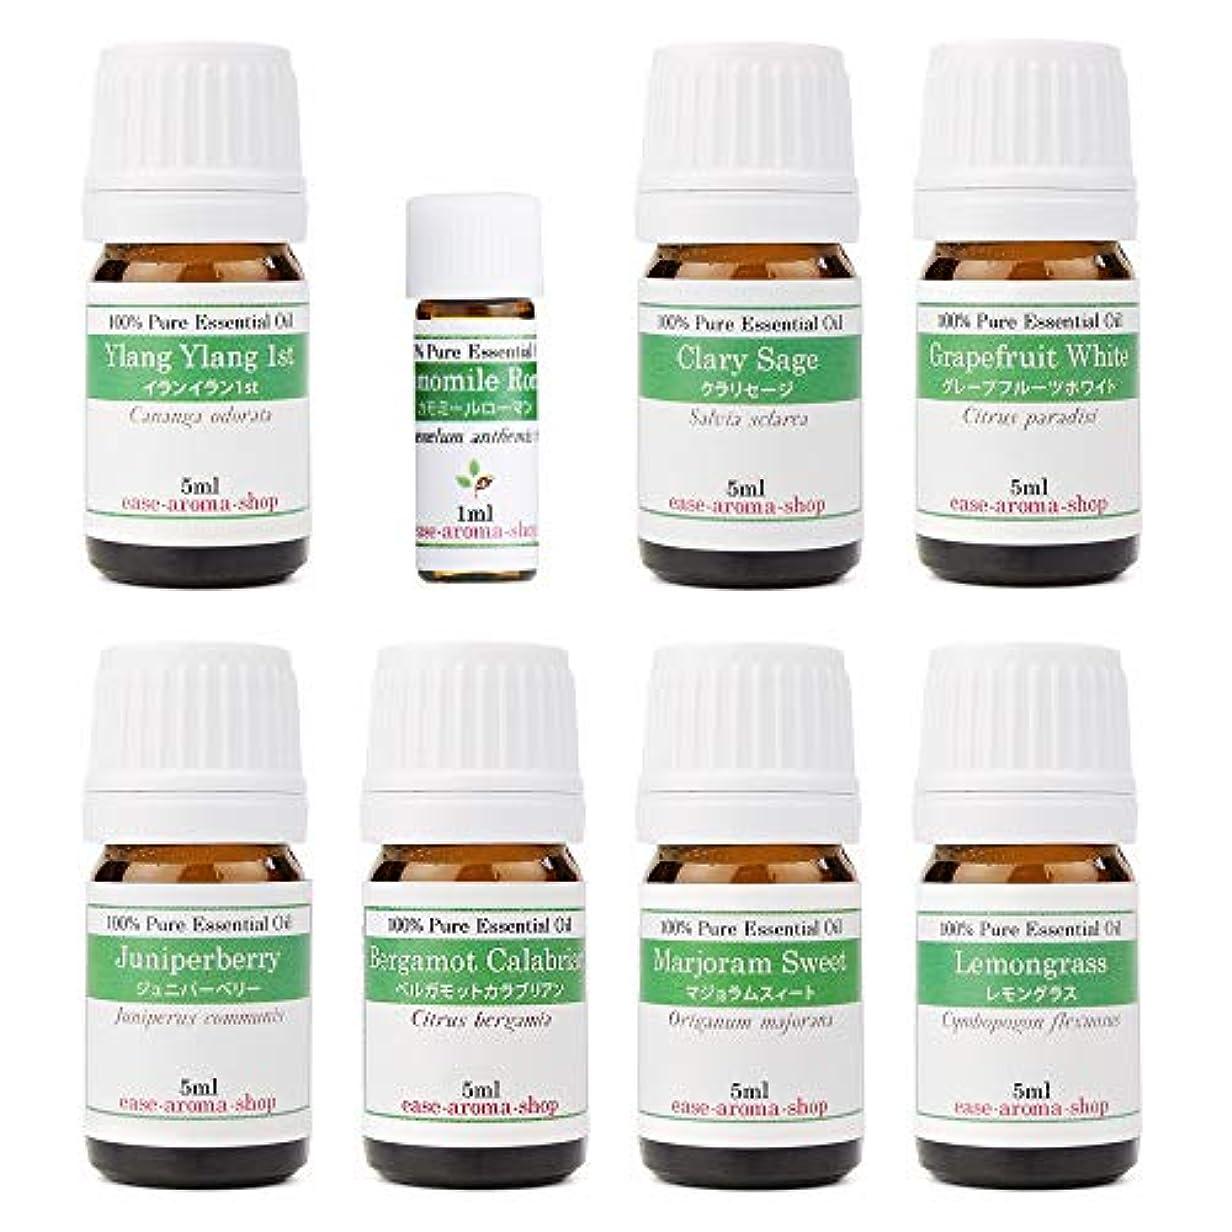 ホステルルーフ例【2019年改訂版】ease AEAJアロマテラピー検定香りテスト対象精油セット 揃えておきたい基本の精油 1級 8本セット各5ml